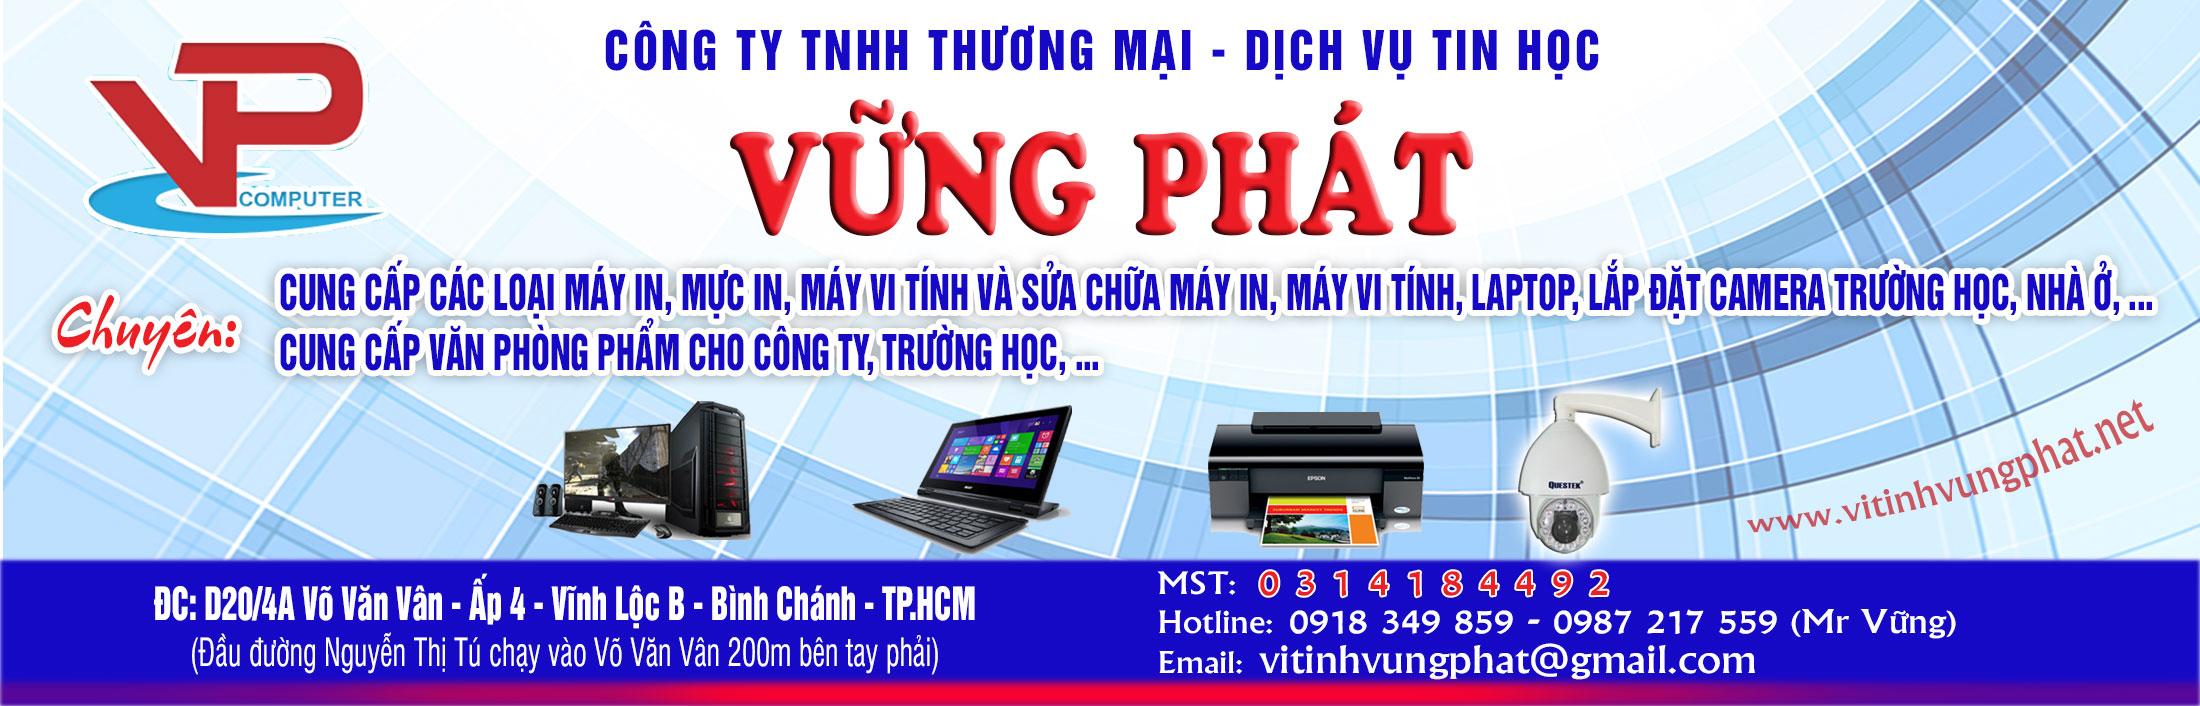 Công Ty TNHH Thương Mại Dịch Vụ Tin Học Vững Phát